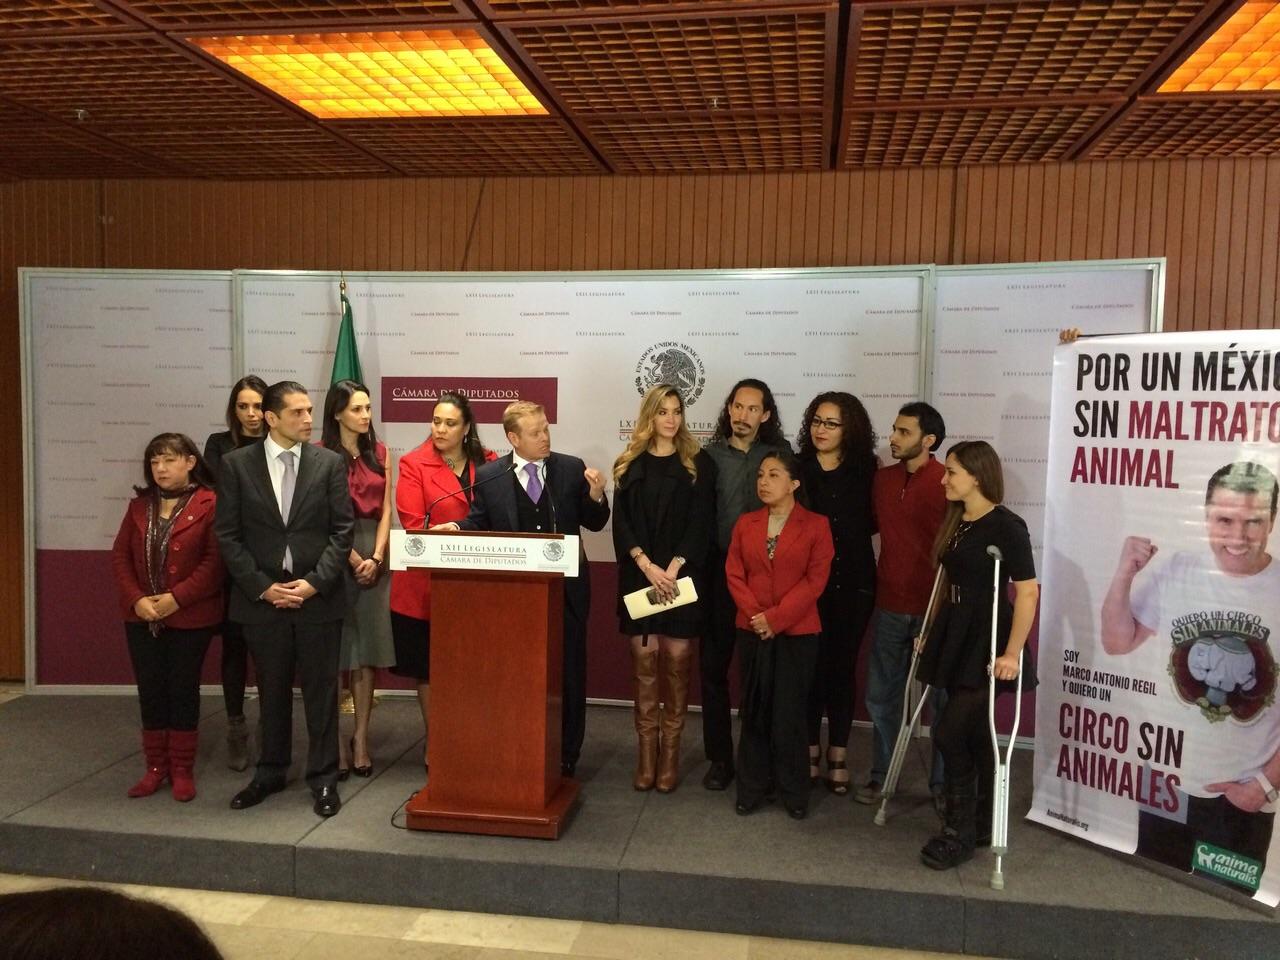 ¡México prohíbe el uso de animales en circos!